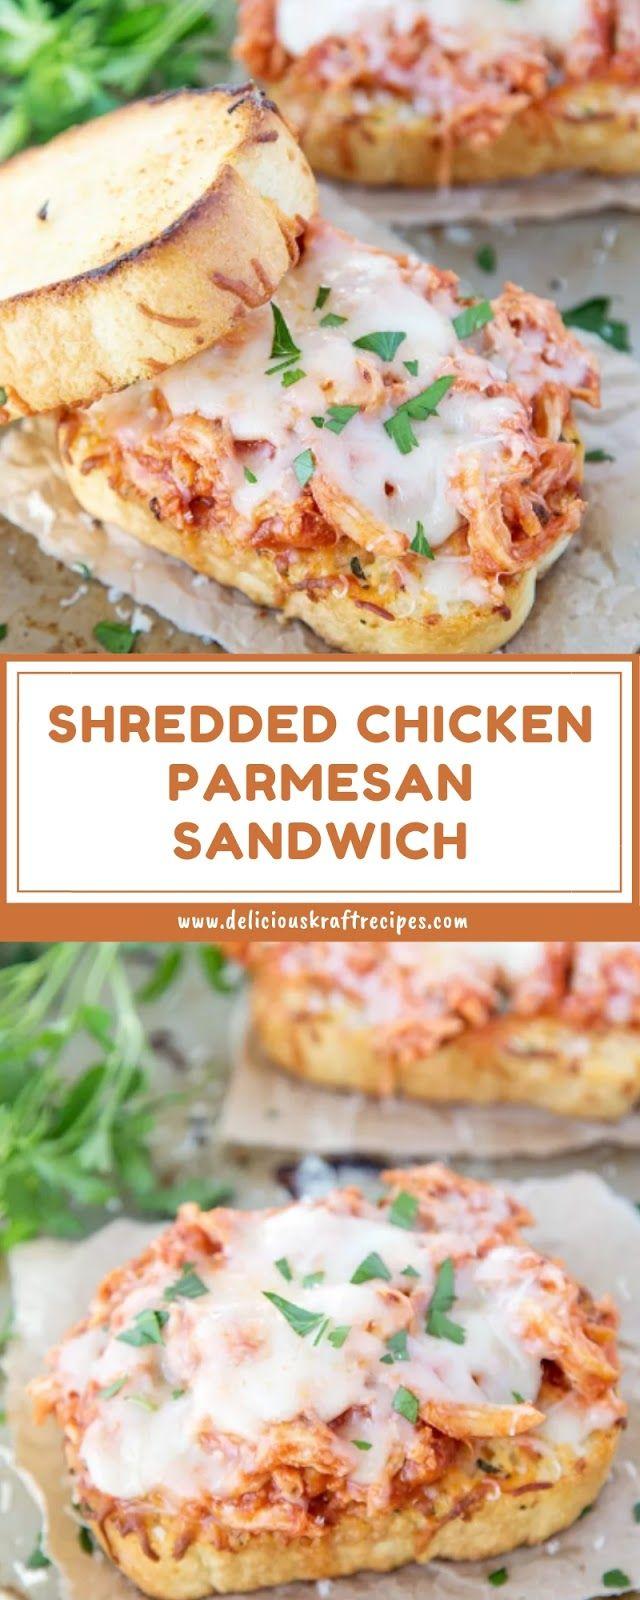 SHREDDED CHICKEN PARMESAN SANDWICH #chickenparmesan